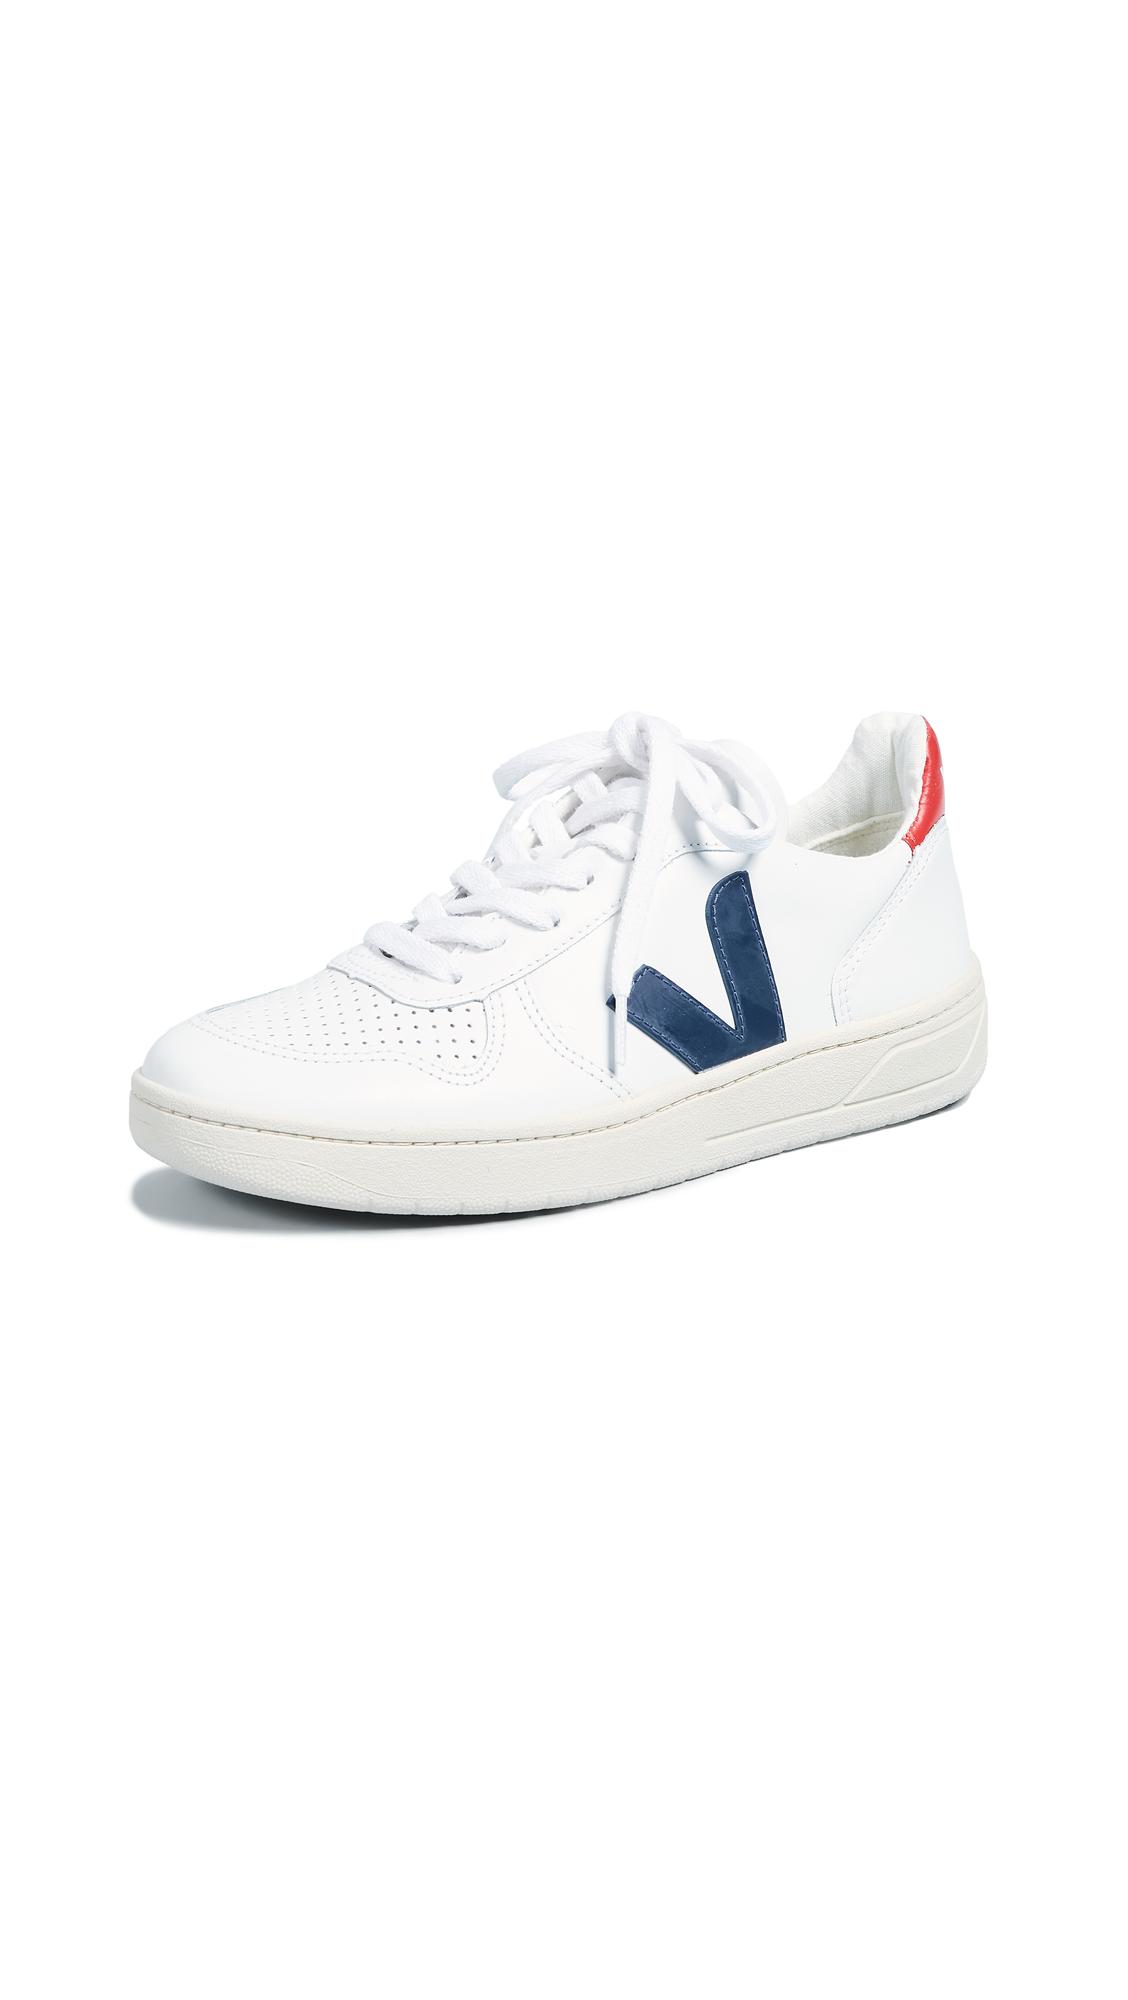 Veja V-10 Sneakers - White/Nautico/Pekin